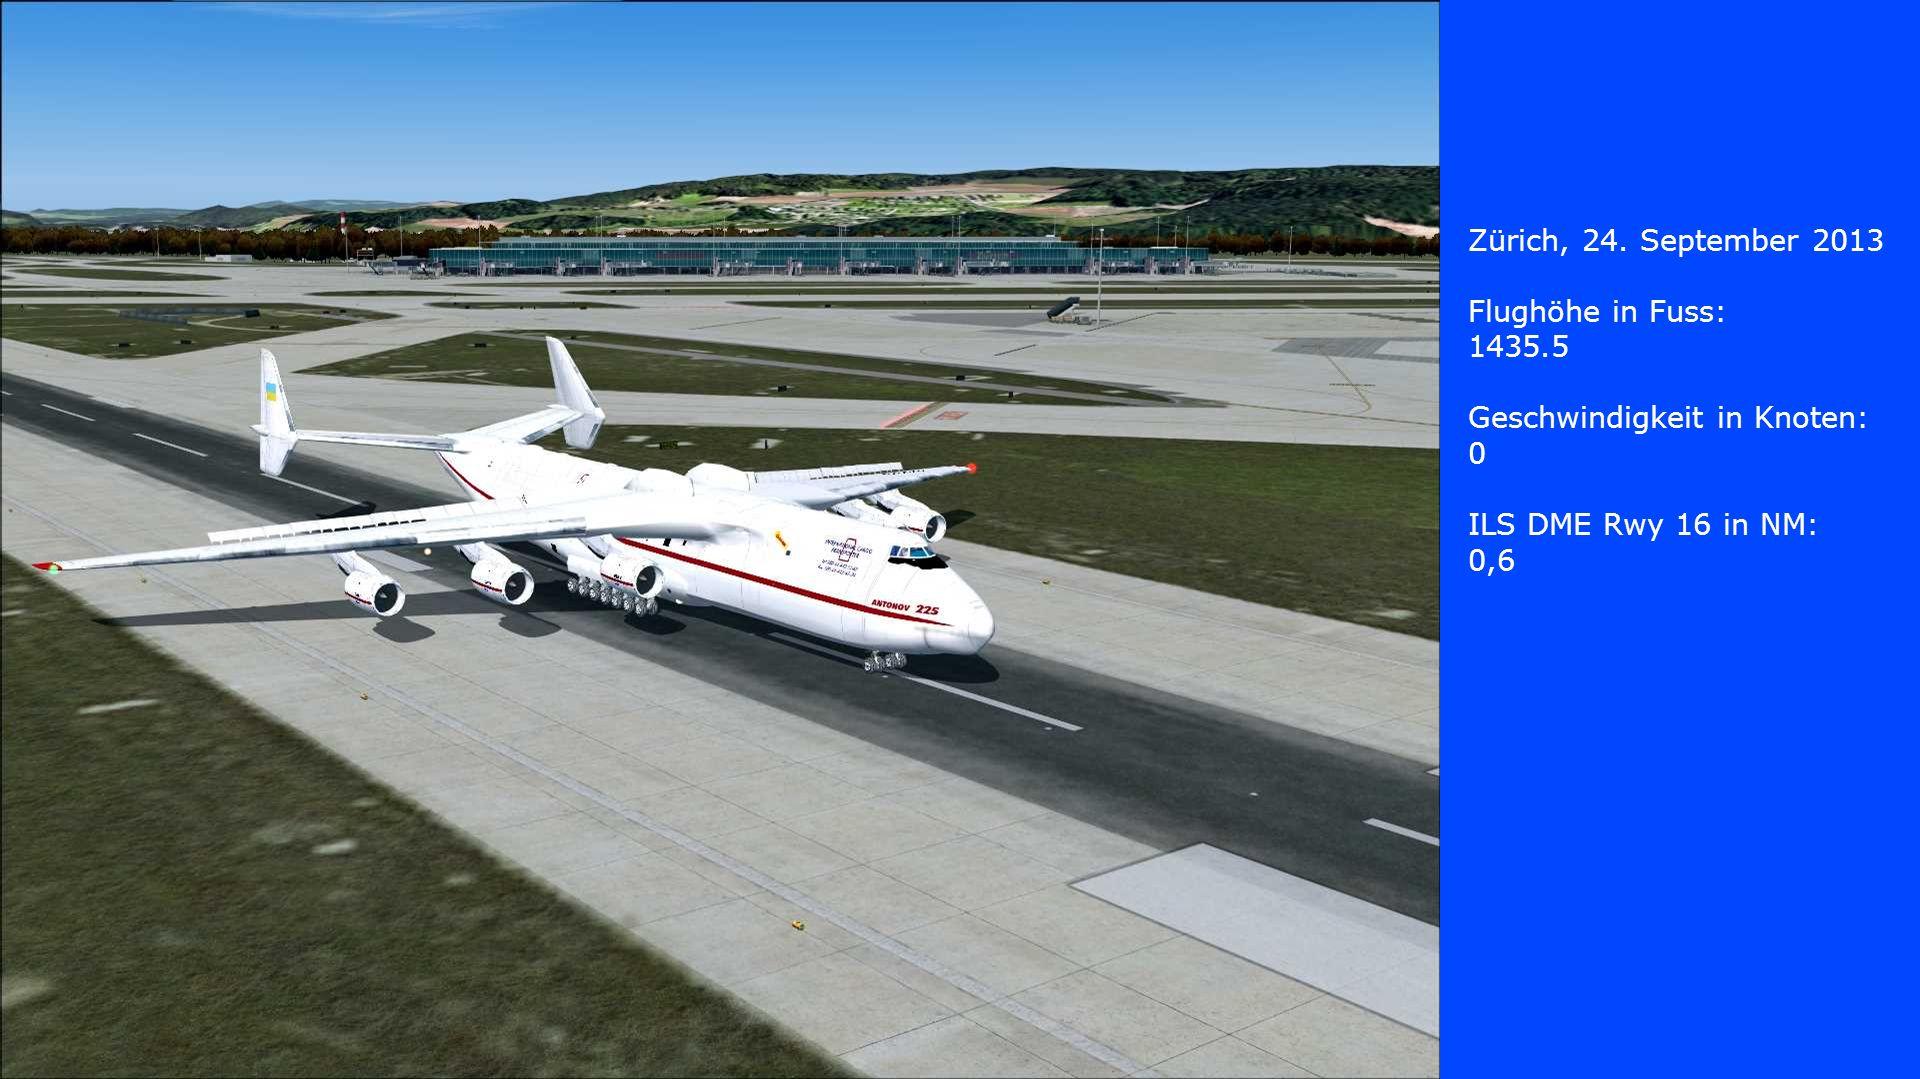 Zürich, 24. September 2013 Flughöhe in Fuss: 1435.5 Geschwindigkeit in Knoten: 0 ILS DME Rwy 16 in NM: 0,6